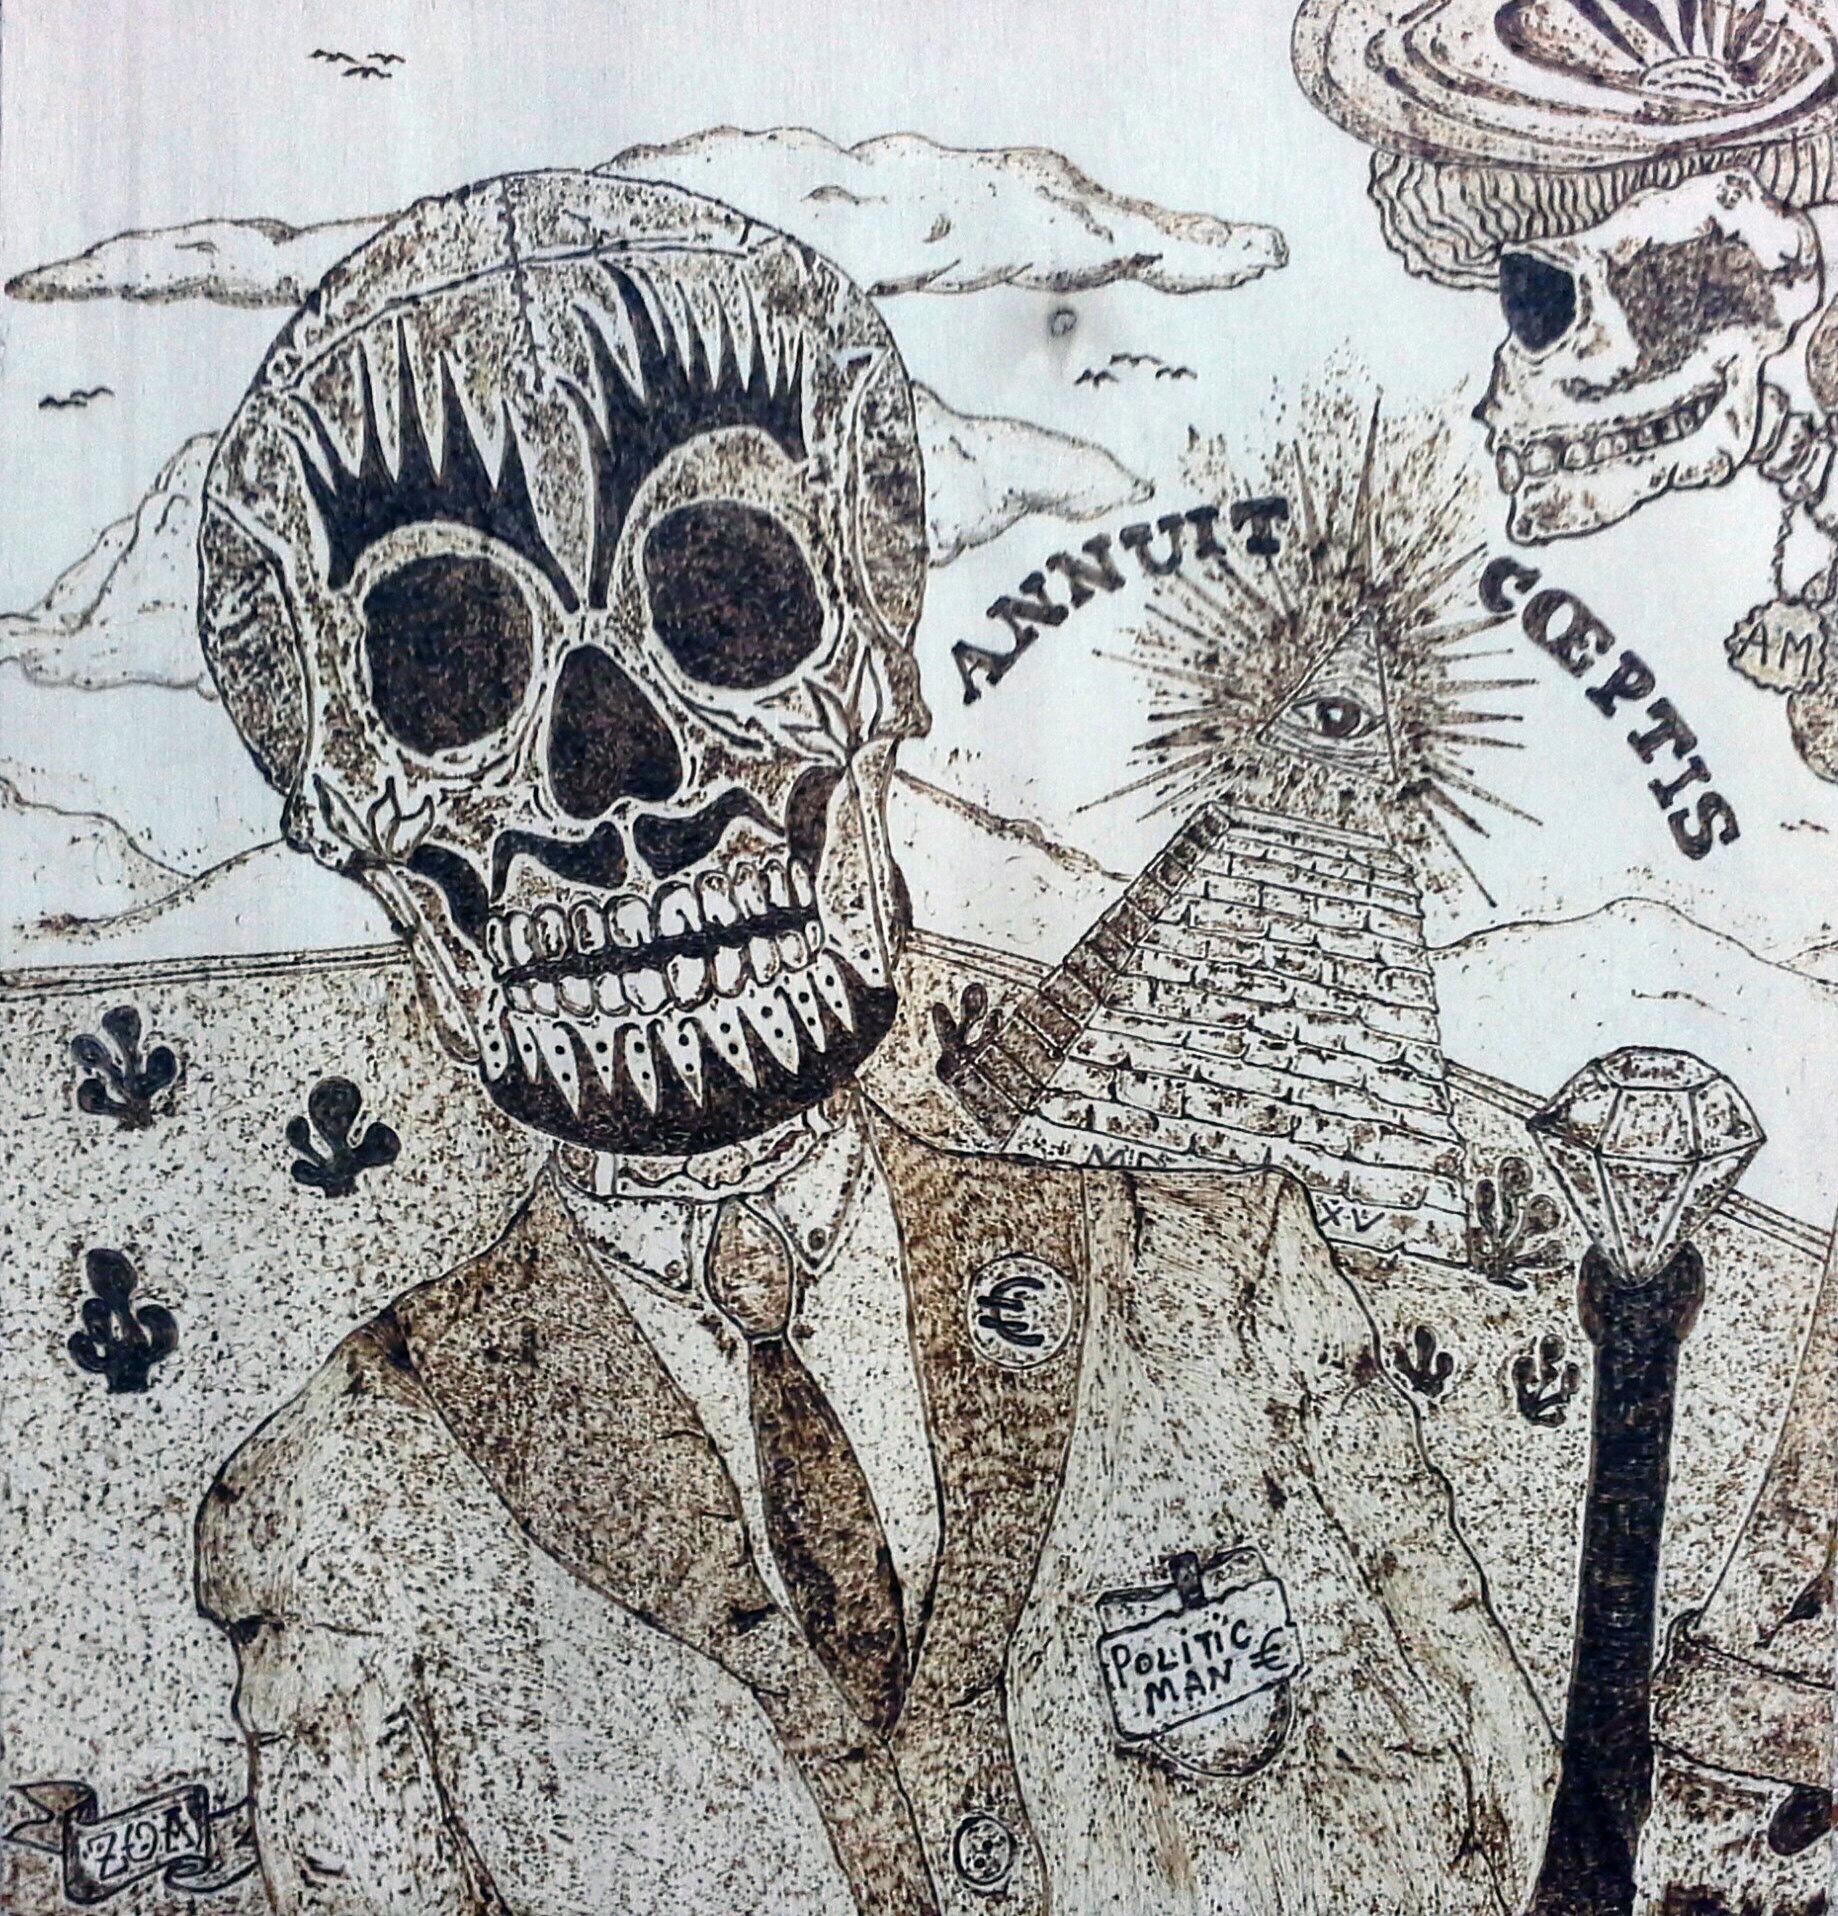 Skull_ZoA_Andrea-Di-Vincenzo